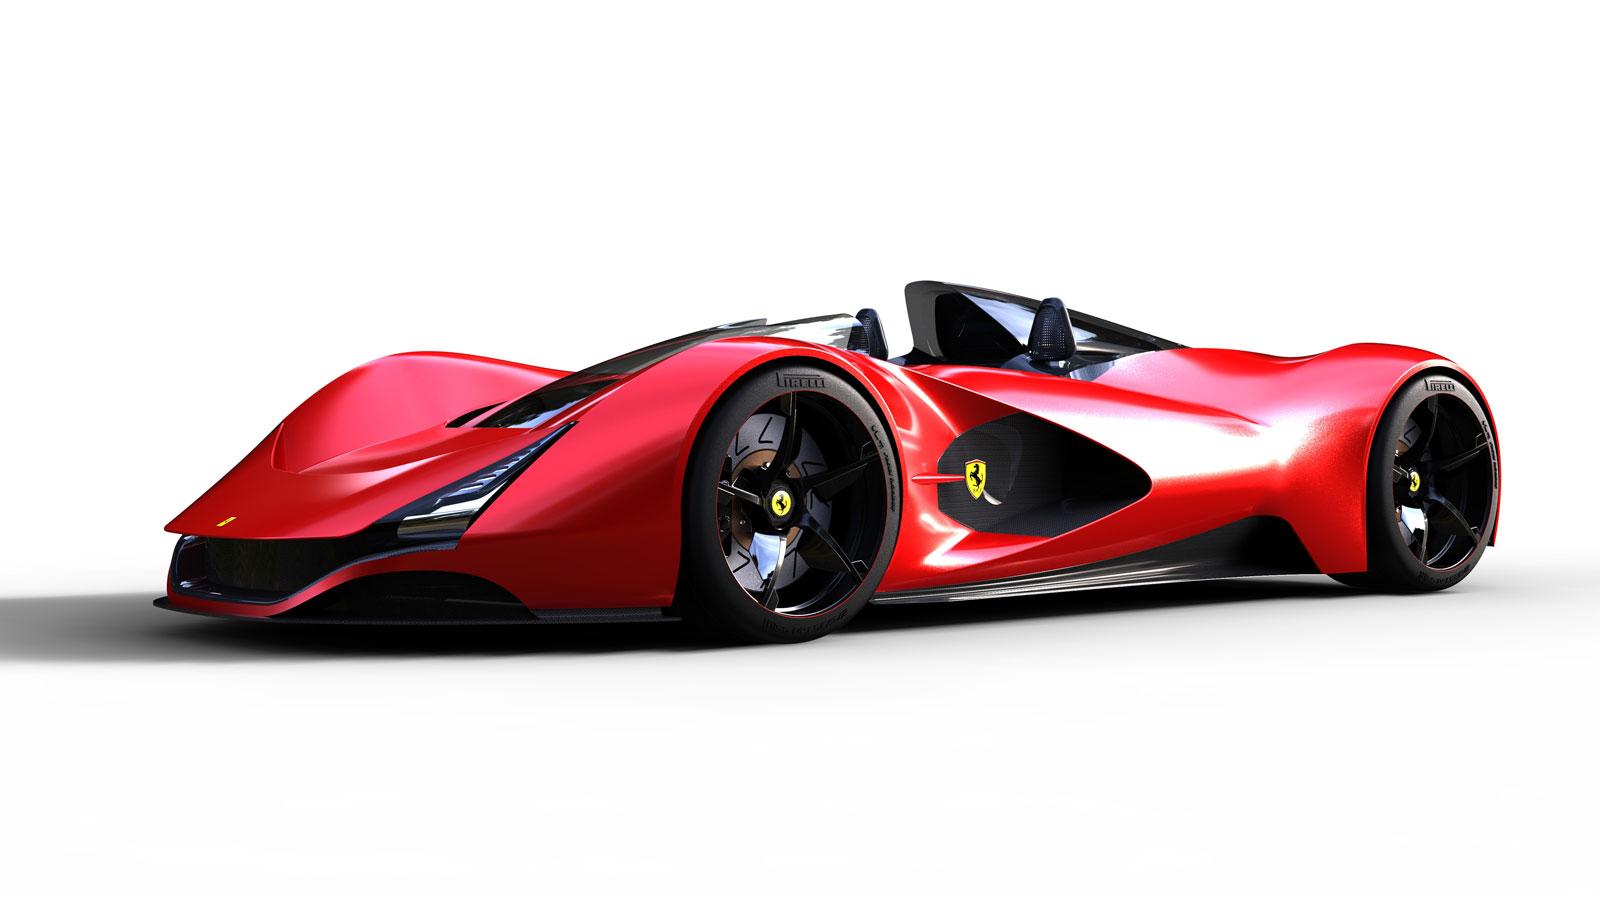 Ferrari-Aliante-Concept-02